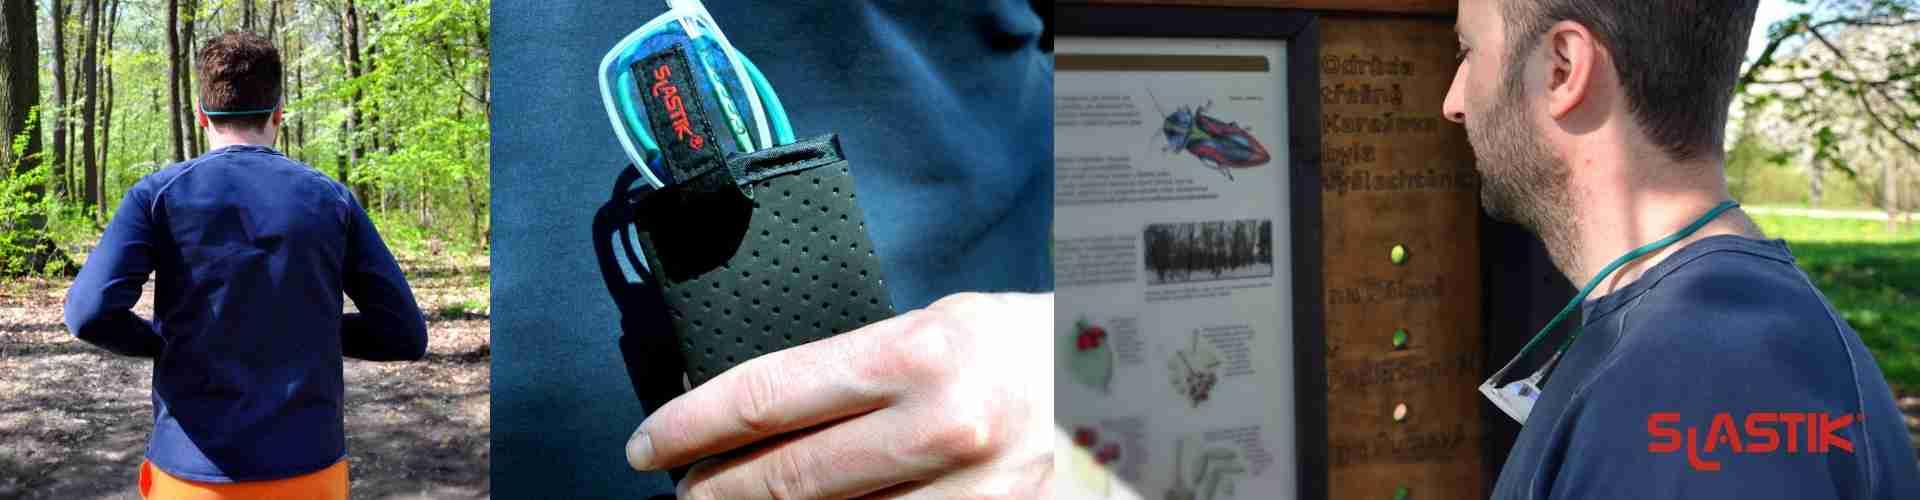 Dioptrické sportovní brýle na magnet Slastik